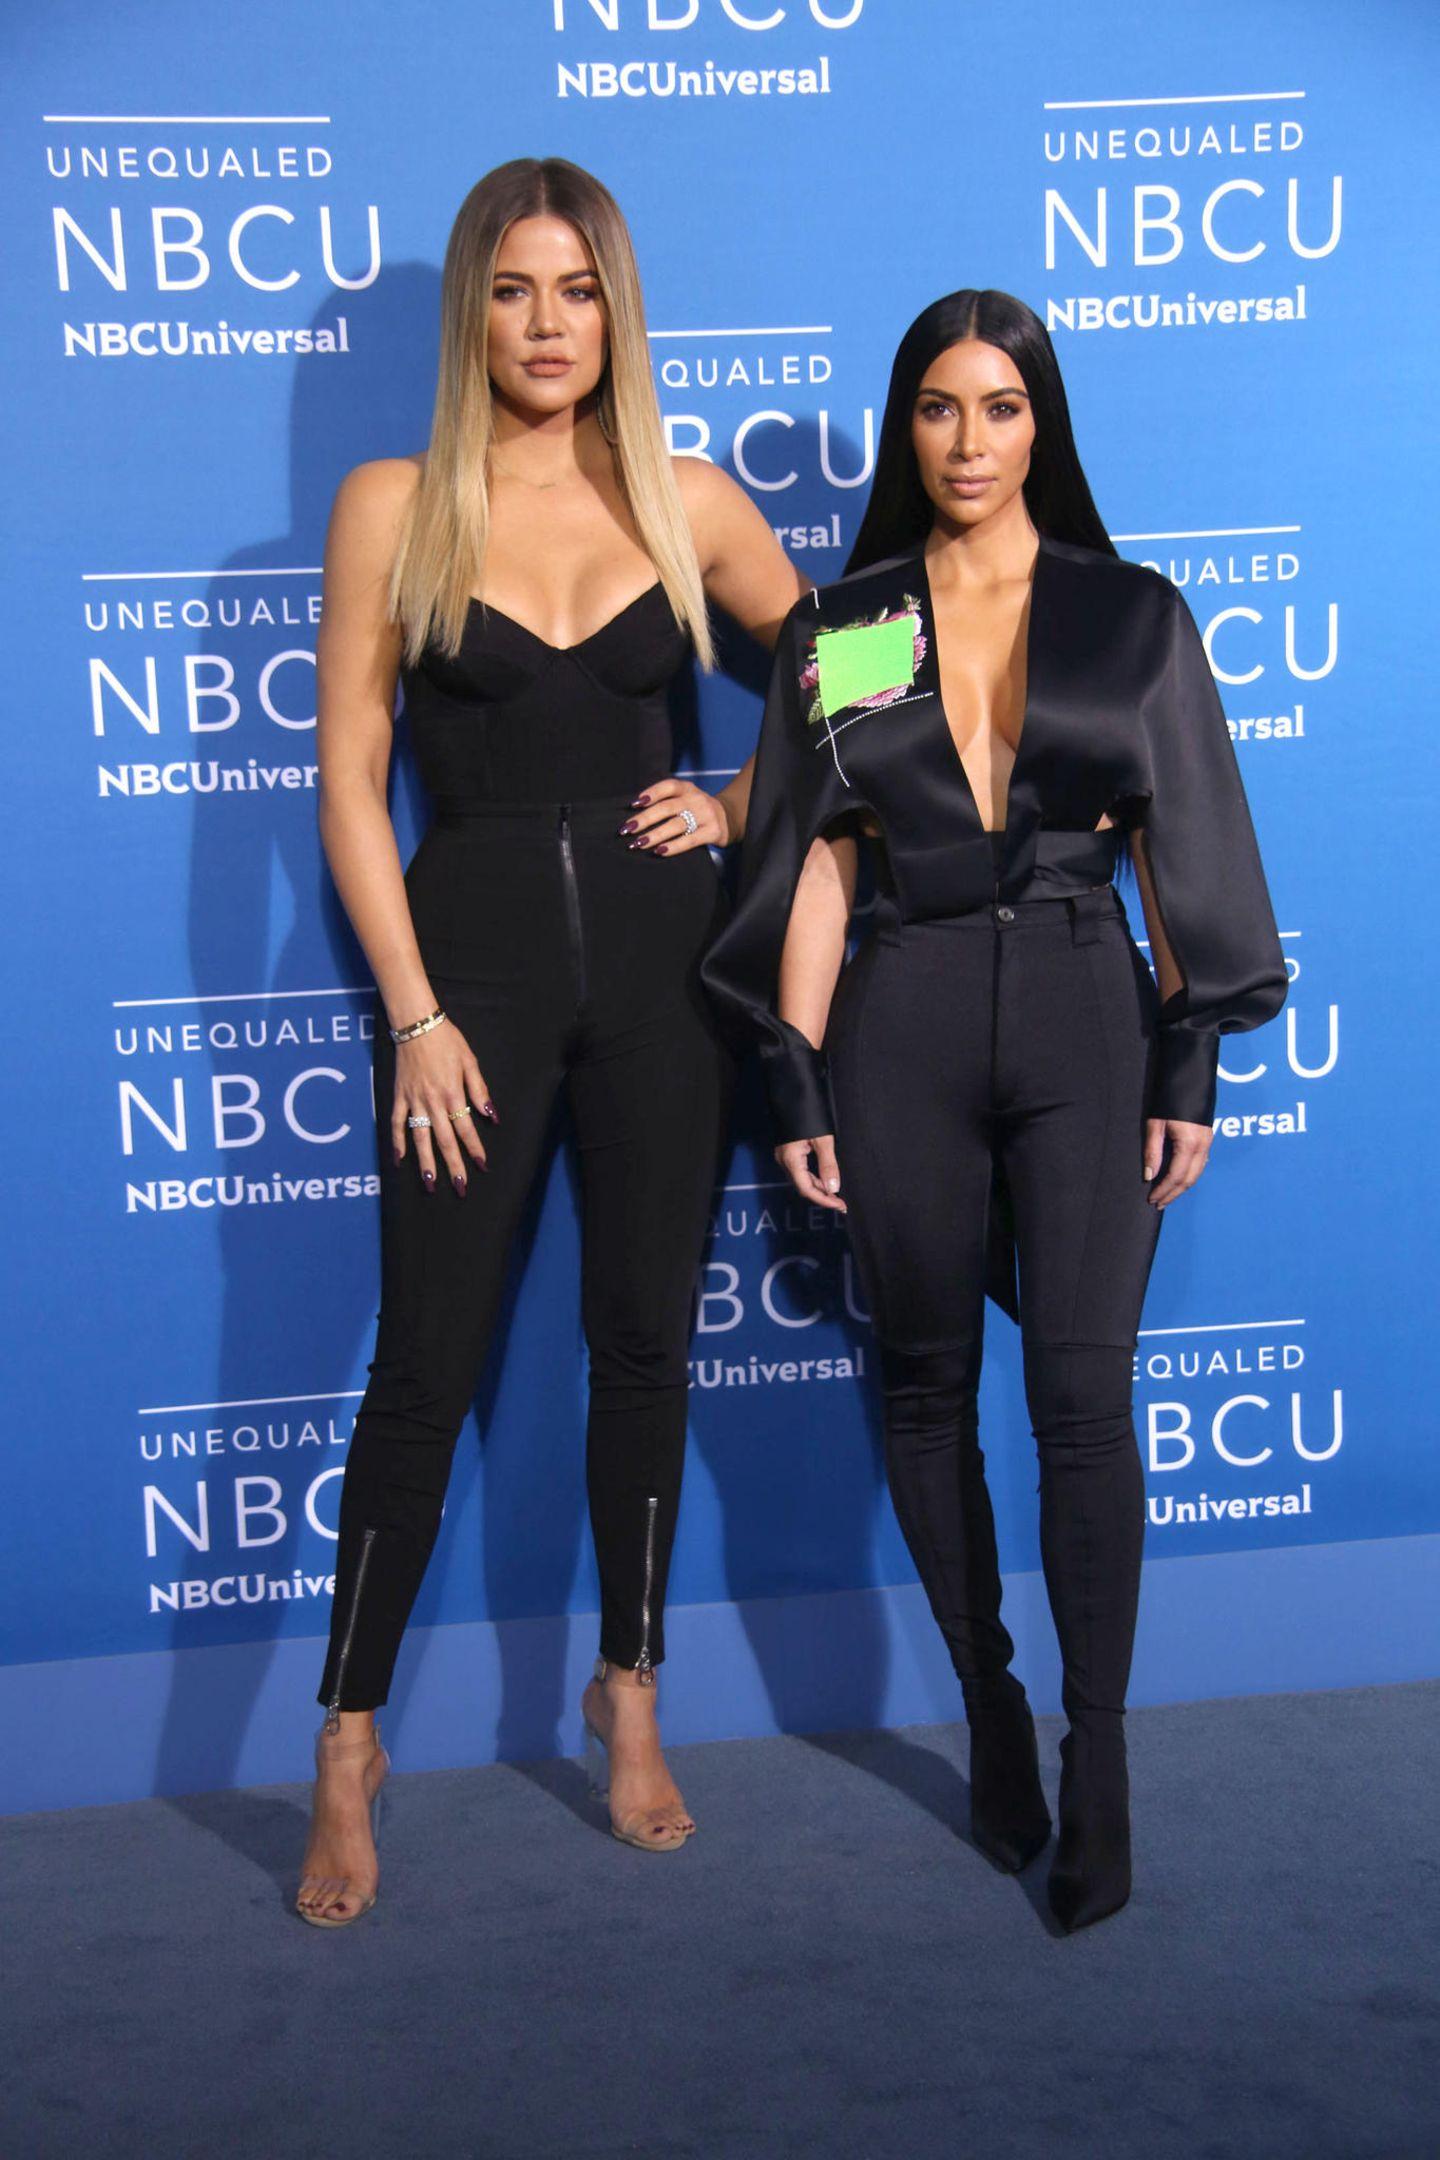 Aufeinander abgestimmt: Khoé und Kim Kardashian tragen beide eine hautenge schwarze Stretchhose zu tiefem Dekolleté.